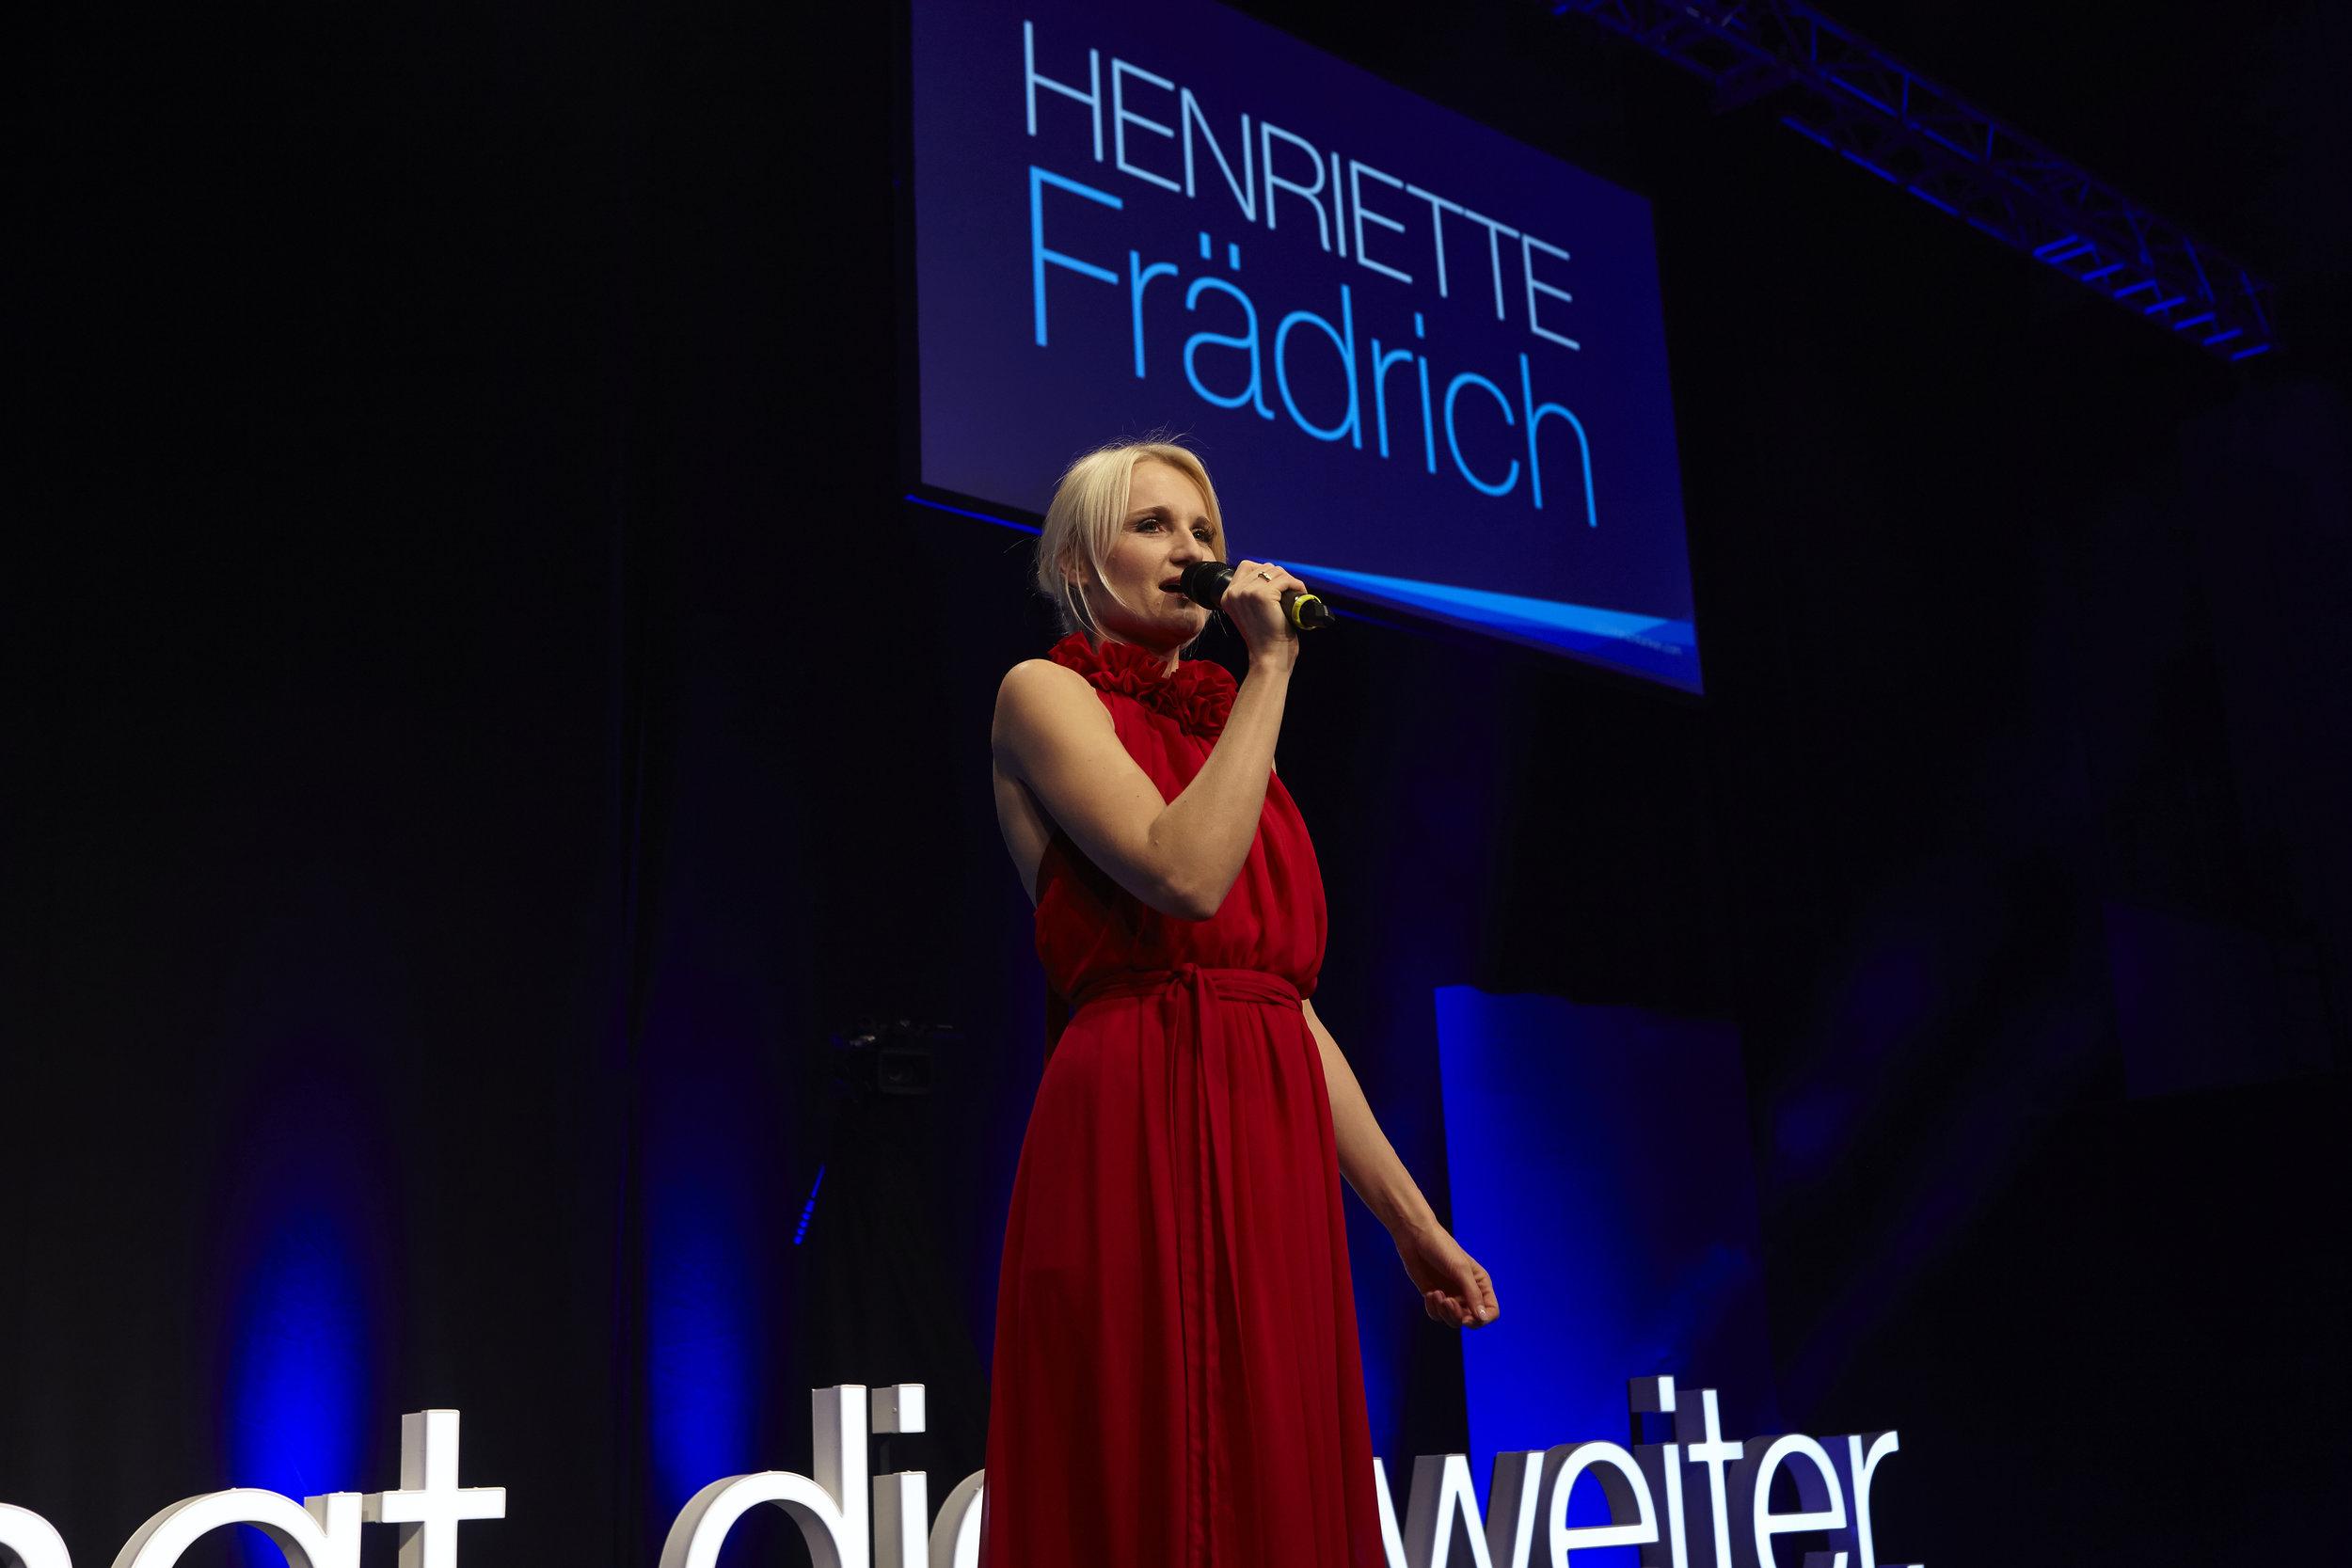 Henriette Frädrich Moderation